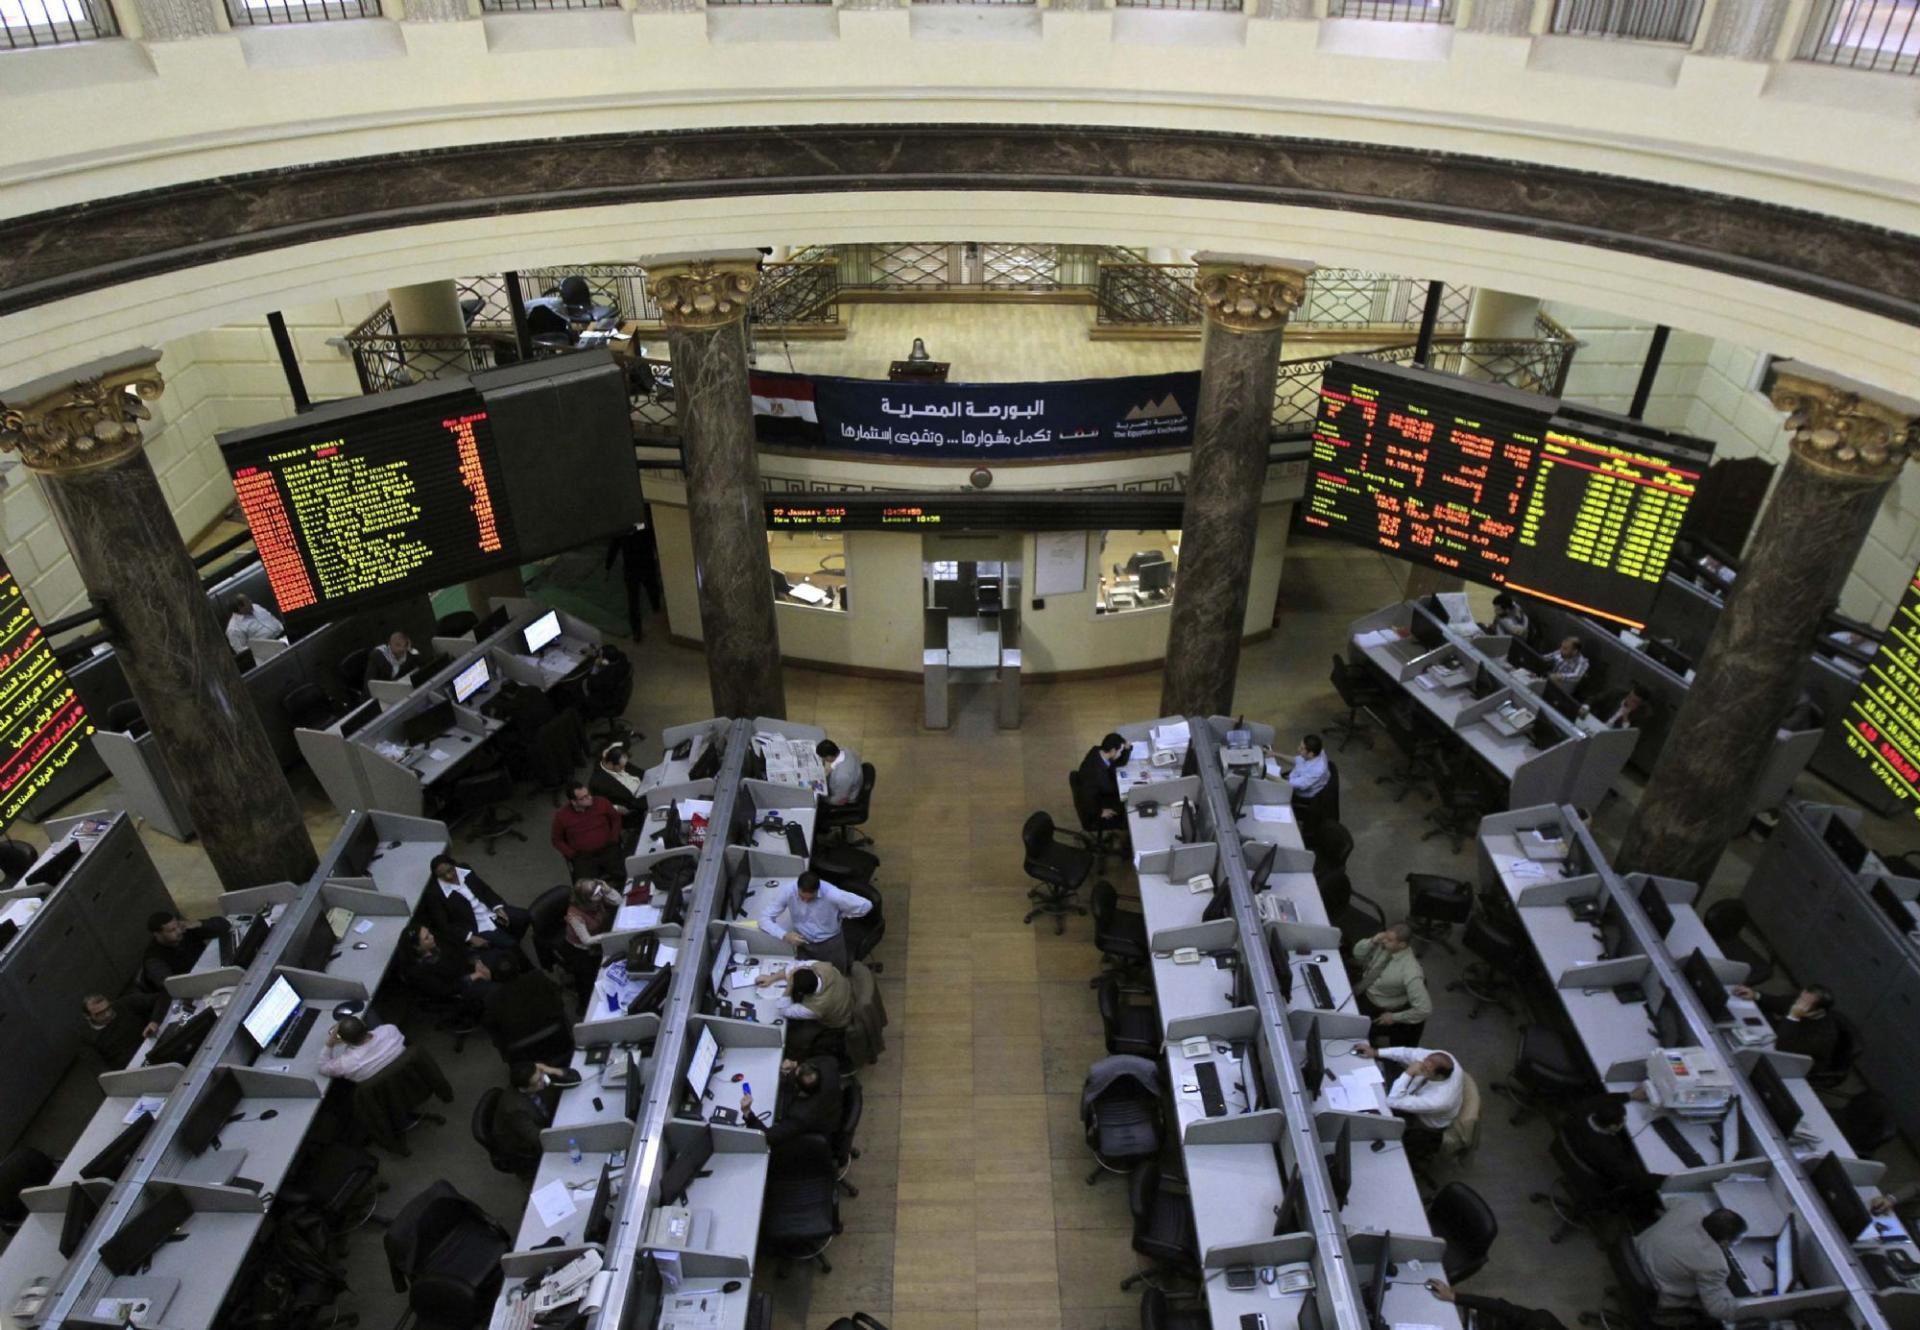 البورصة المصرية تكسر موجة التراجعات وترتفع 5% بفضل المحفزات الحكومية الطارئة - أموال الغد